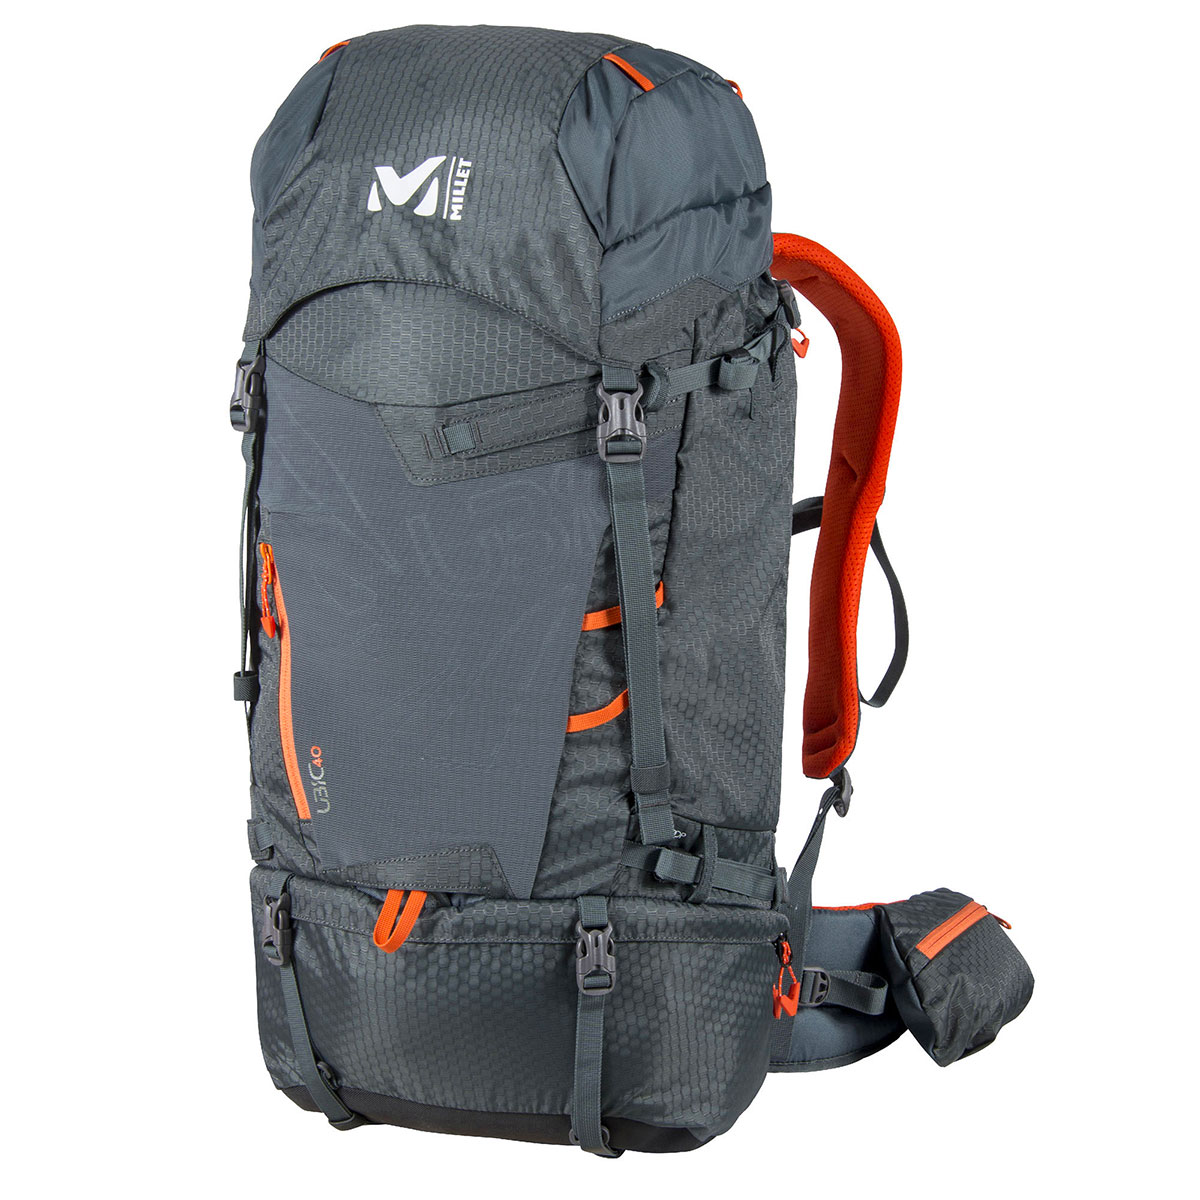 Zaino escursionismo Millet Ubic 40, ideale per svariate attività in montagna e per le gite di più giorni che richiedono un'attrezzatura specifica.